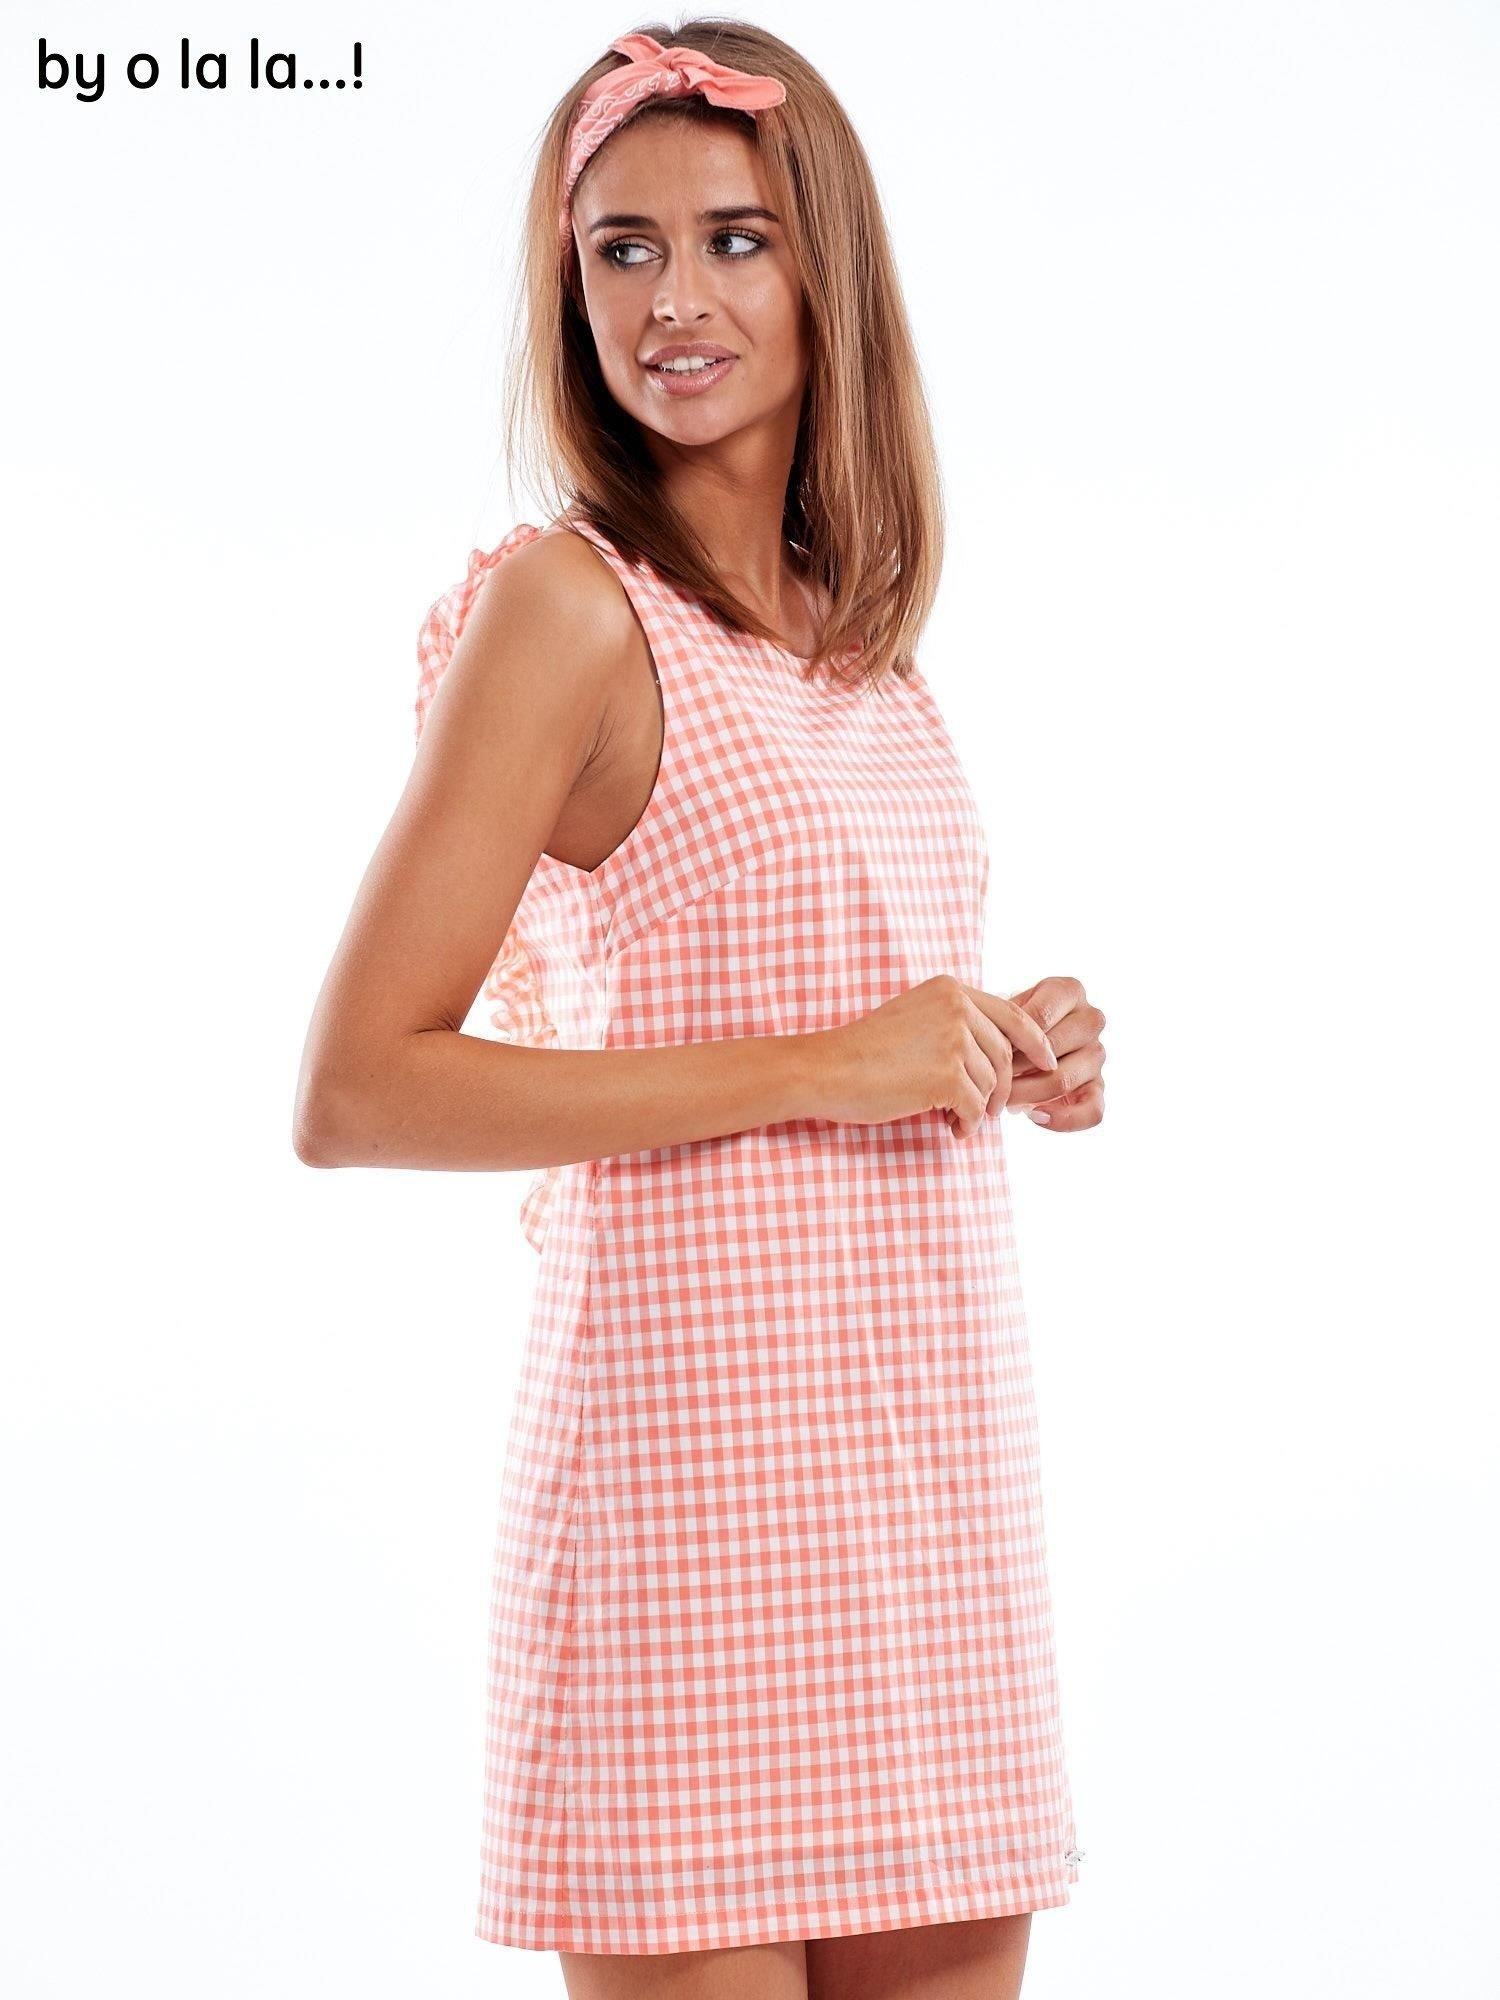 ddcddc2a92 4 · Koralowa sukienka w kratkę z dekoltem na plecach BY O LA LA ...